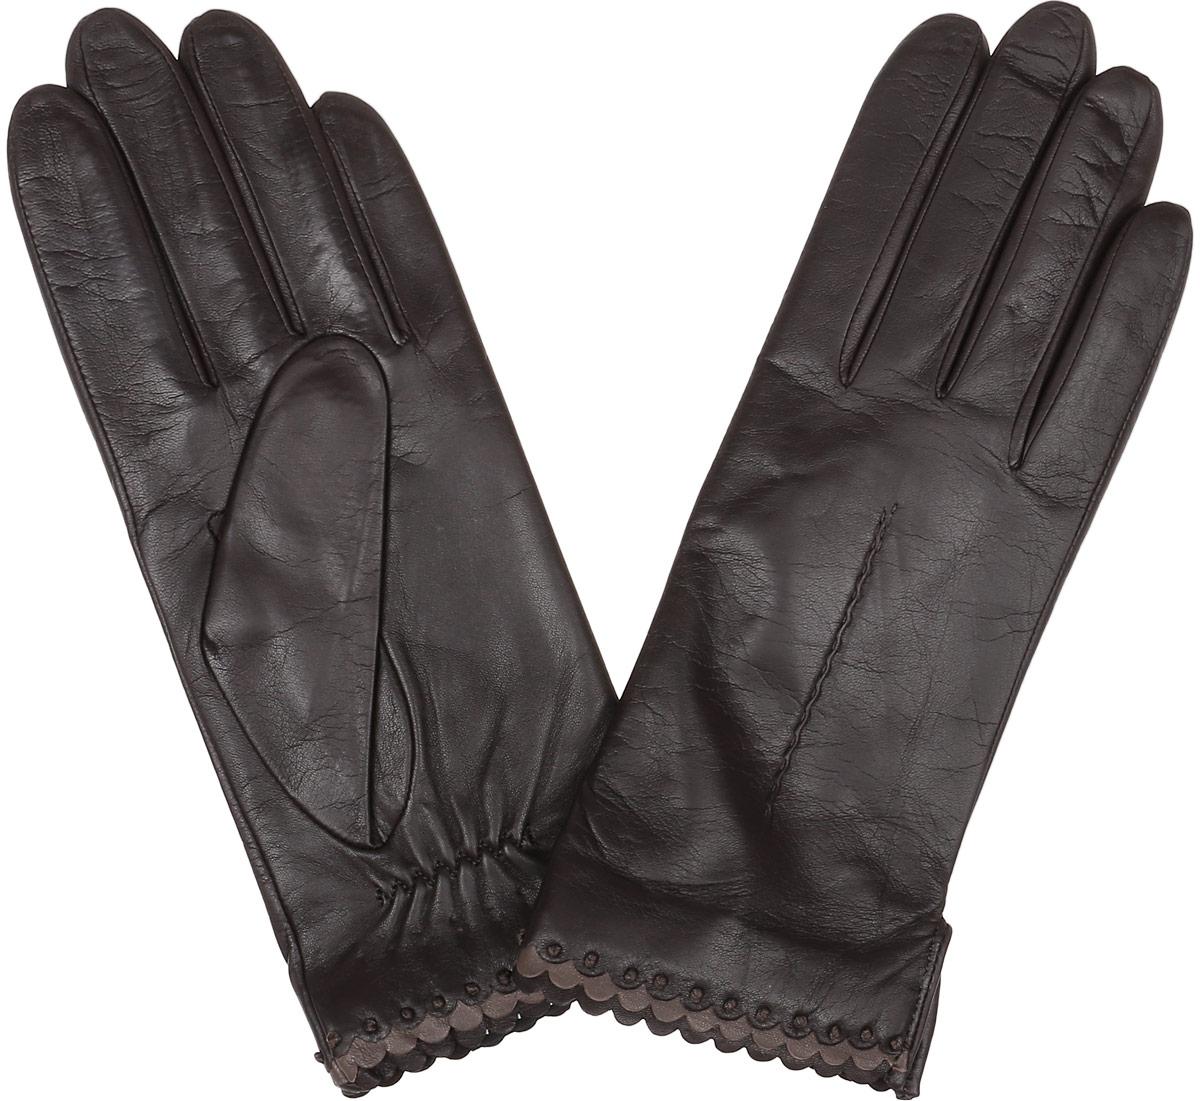 Перчатки2.80-1 blackСтильные женские перчатки Fabretti не только защитят ваши руки, но и станут великолепным украшением. Перчатки выполнены из натуральной кожи ягненка, а их подкладка - из высококачественной шерсти с добавлением кашемира. Модель оформлена оригинальной каймой и строчками-стежками на запястье. Стильный аксессуар для повседневного образа.